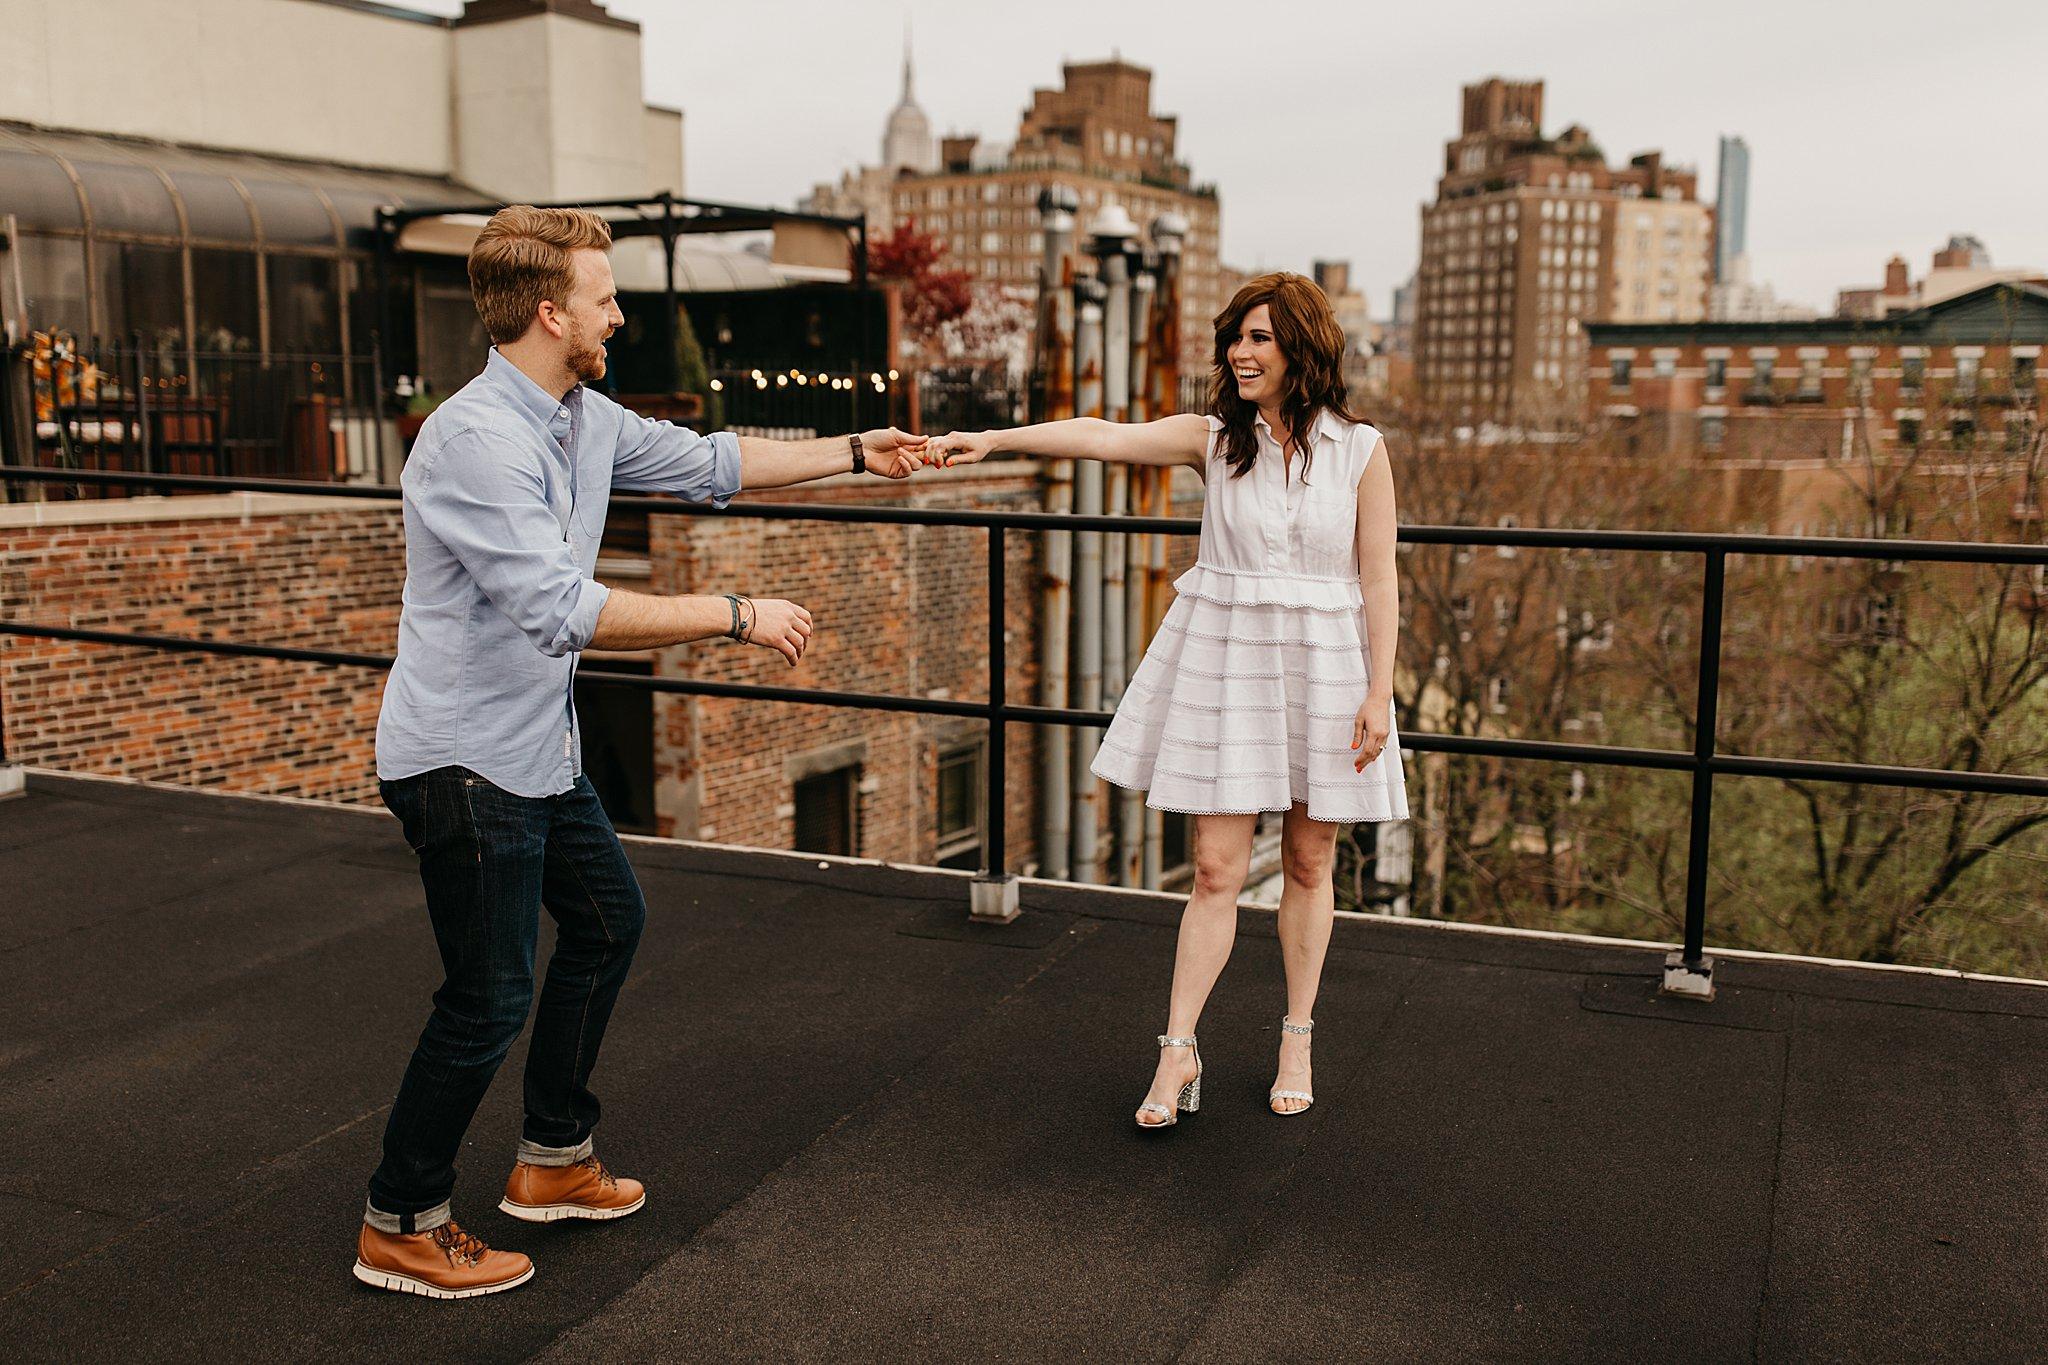 Wilderlove Co_Manhattan_New York City_New York Engagement_West Village_Greenwich Engagement_Rooftop Engagement_New York Photographer_Photography_0018-1.jpg